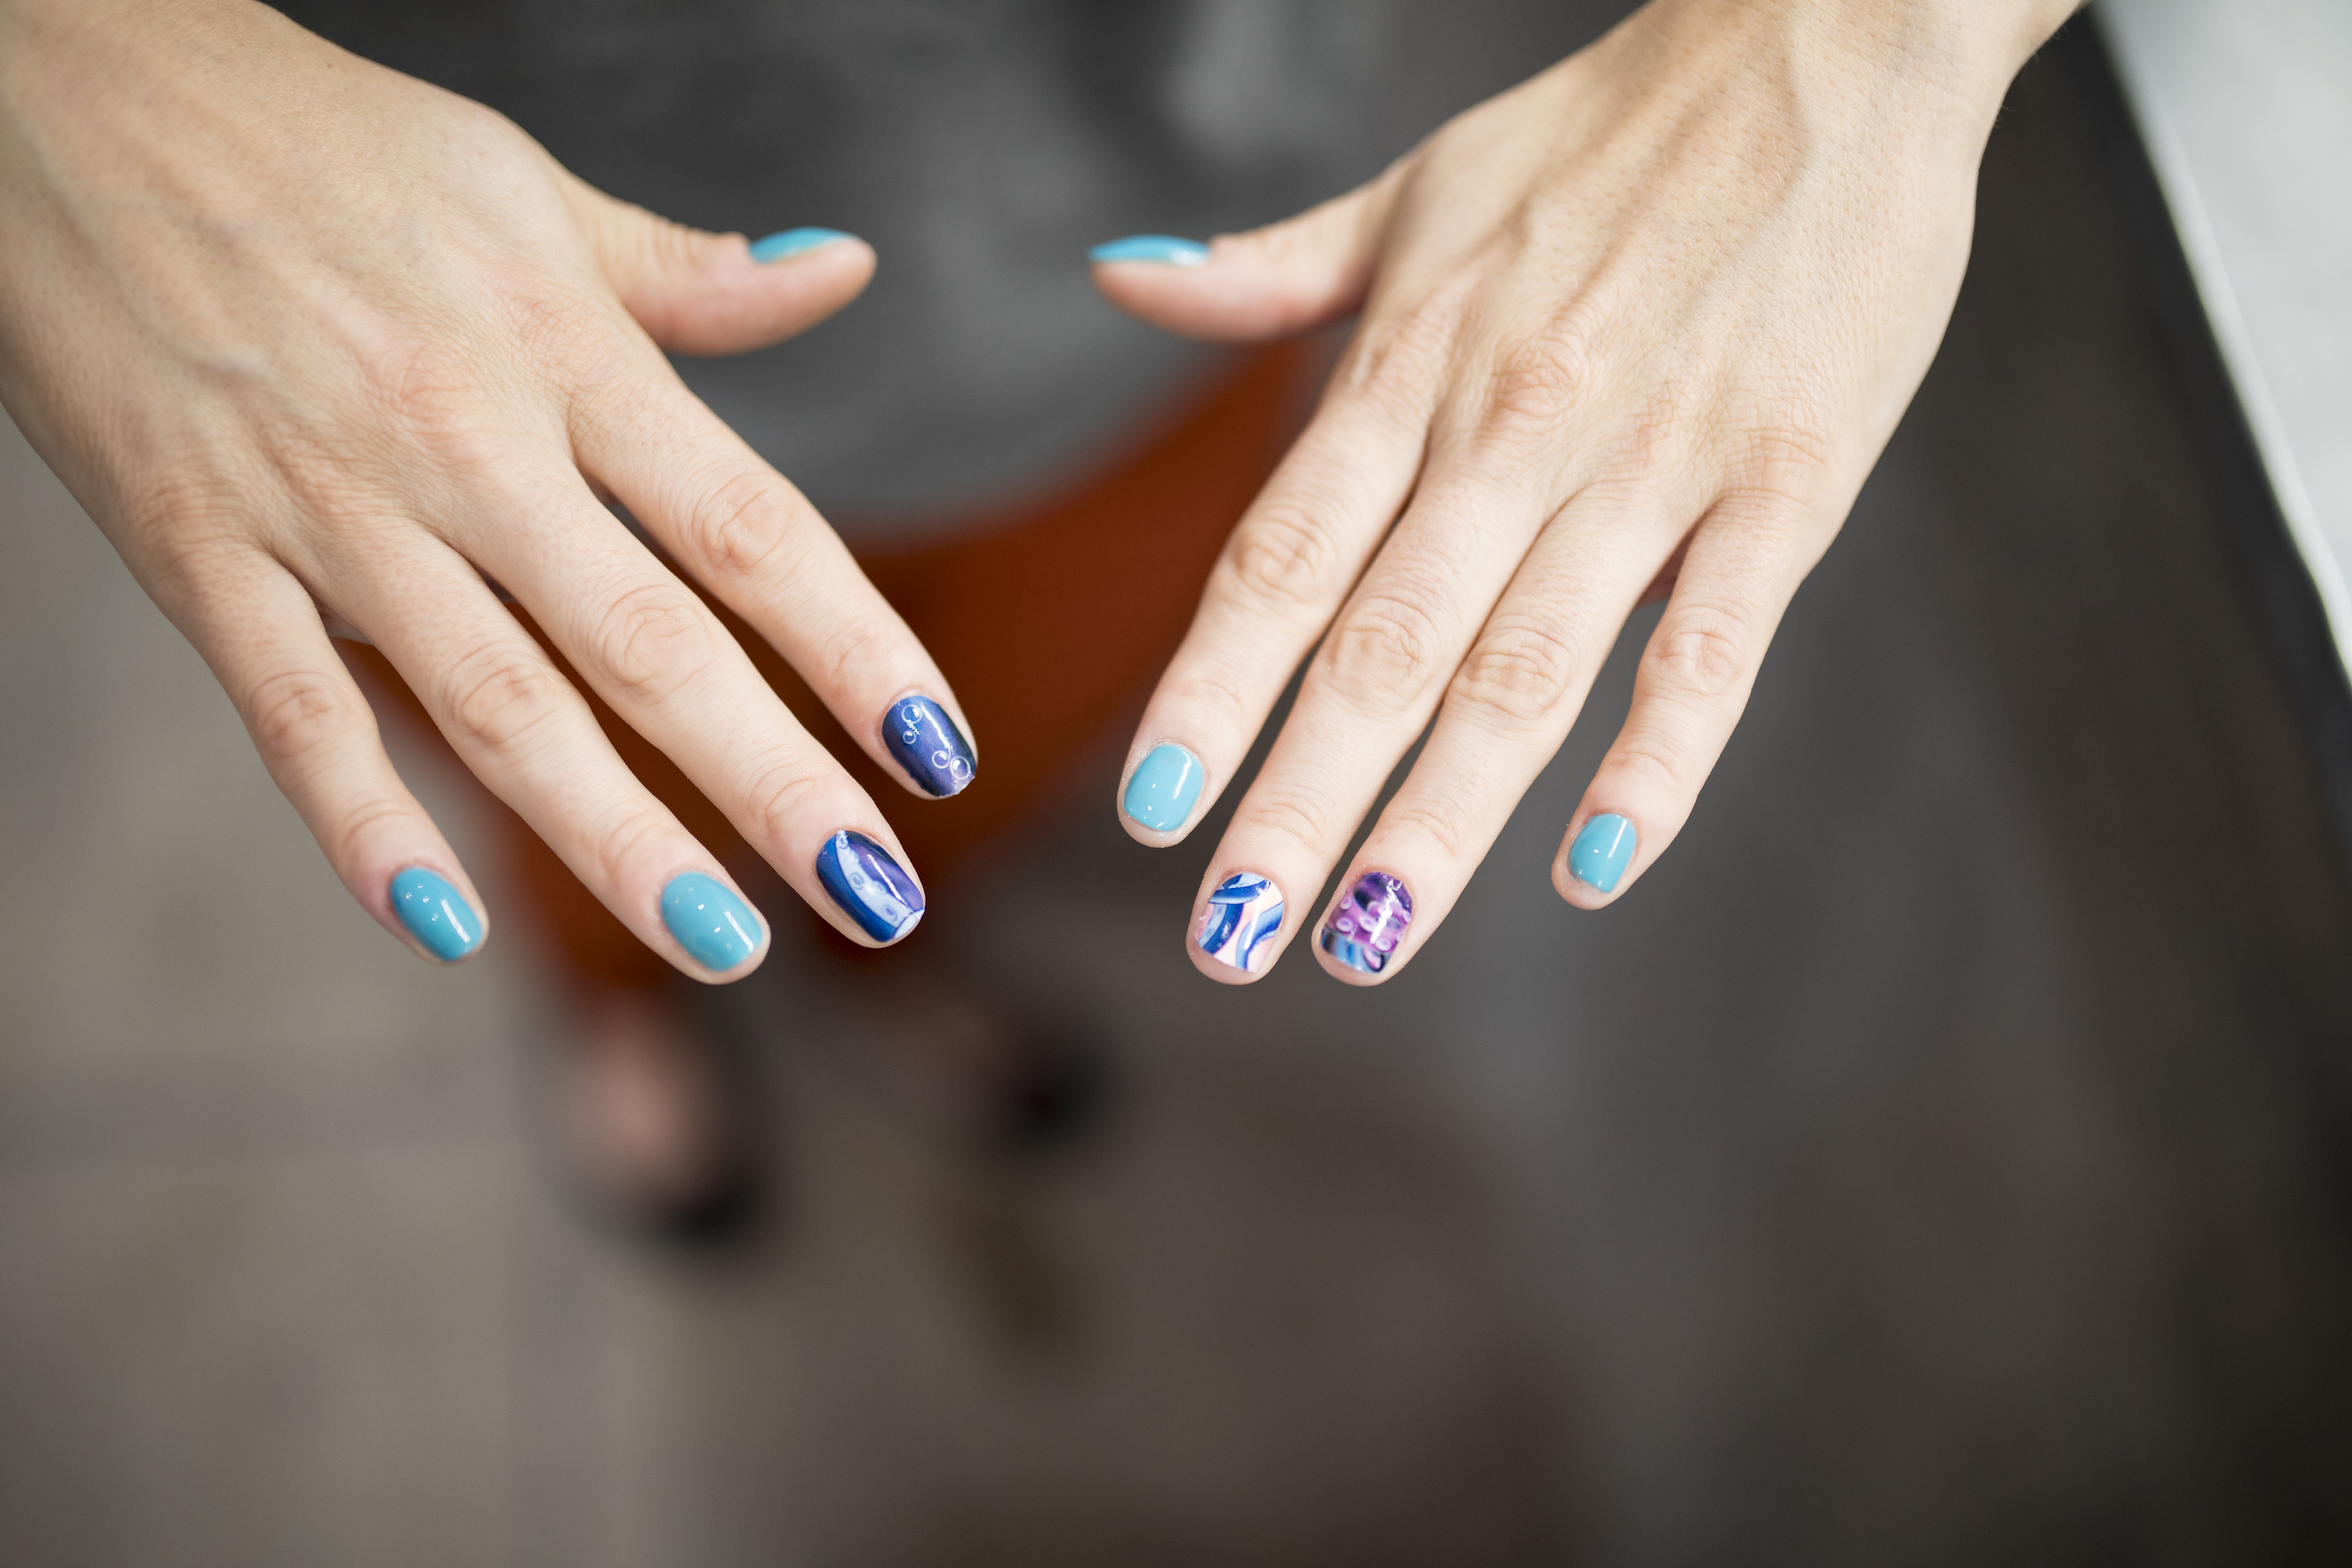 Finished Manicure